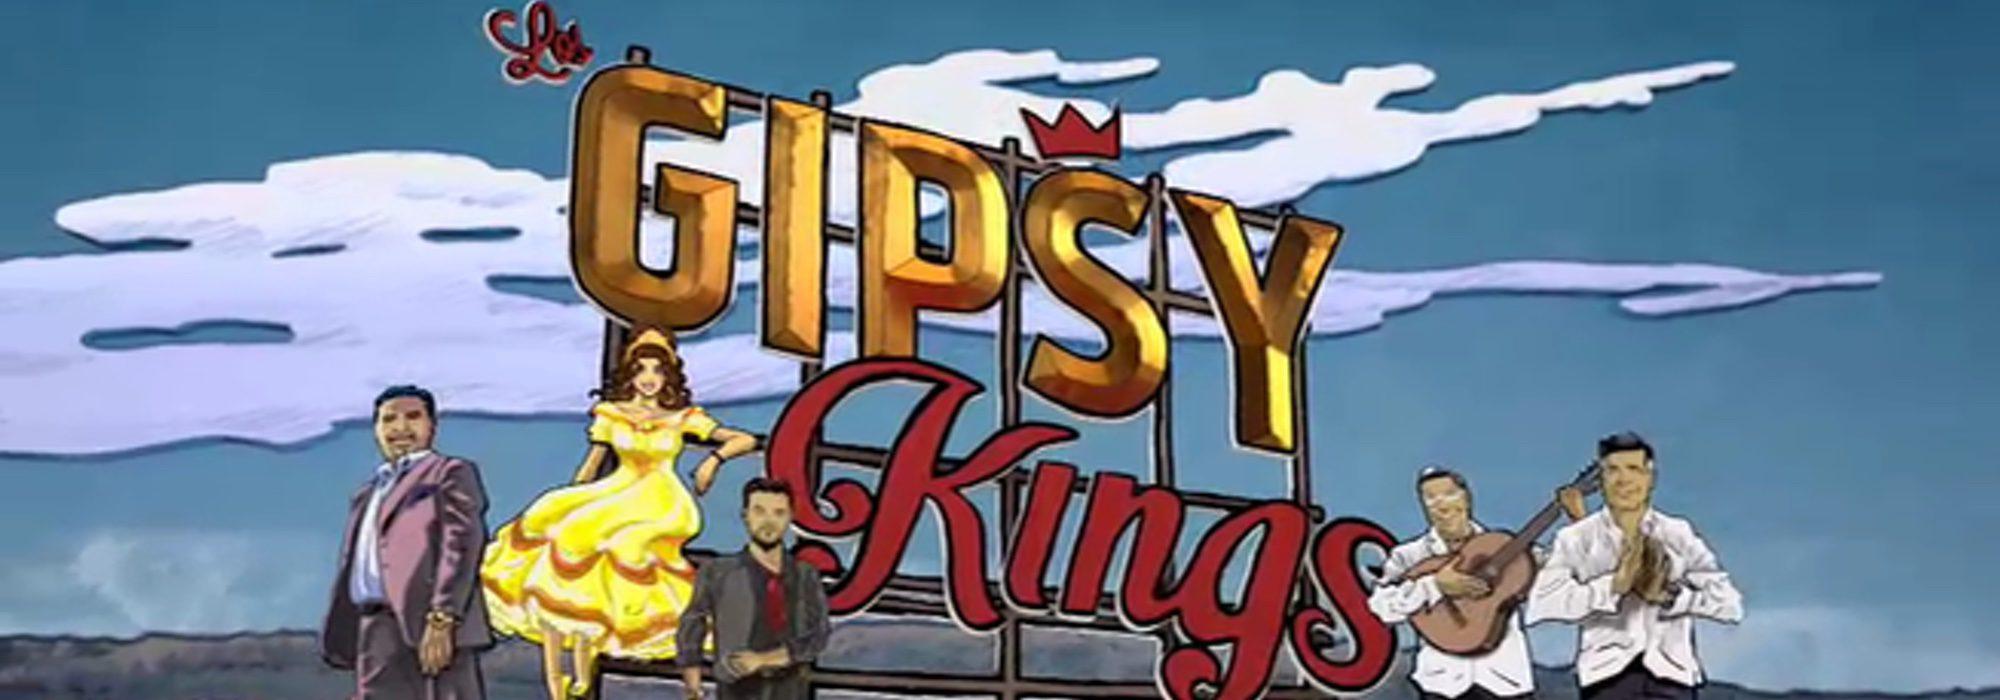 7 frases de 'Los Gipsy Kings' que cambiaron nuestra forma de ver la vida